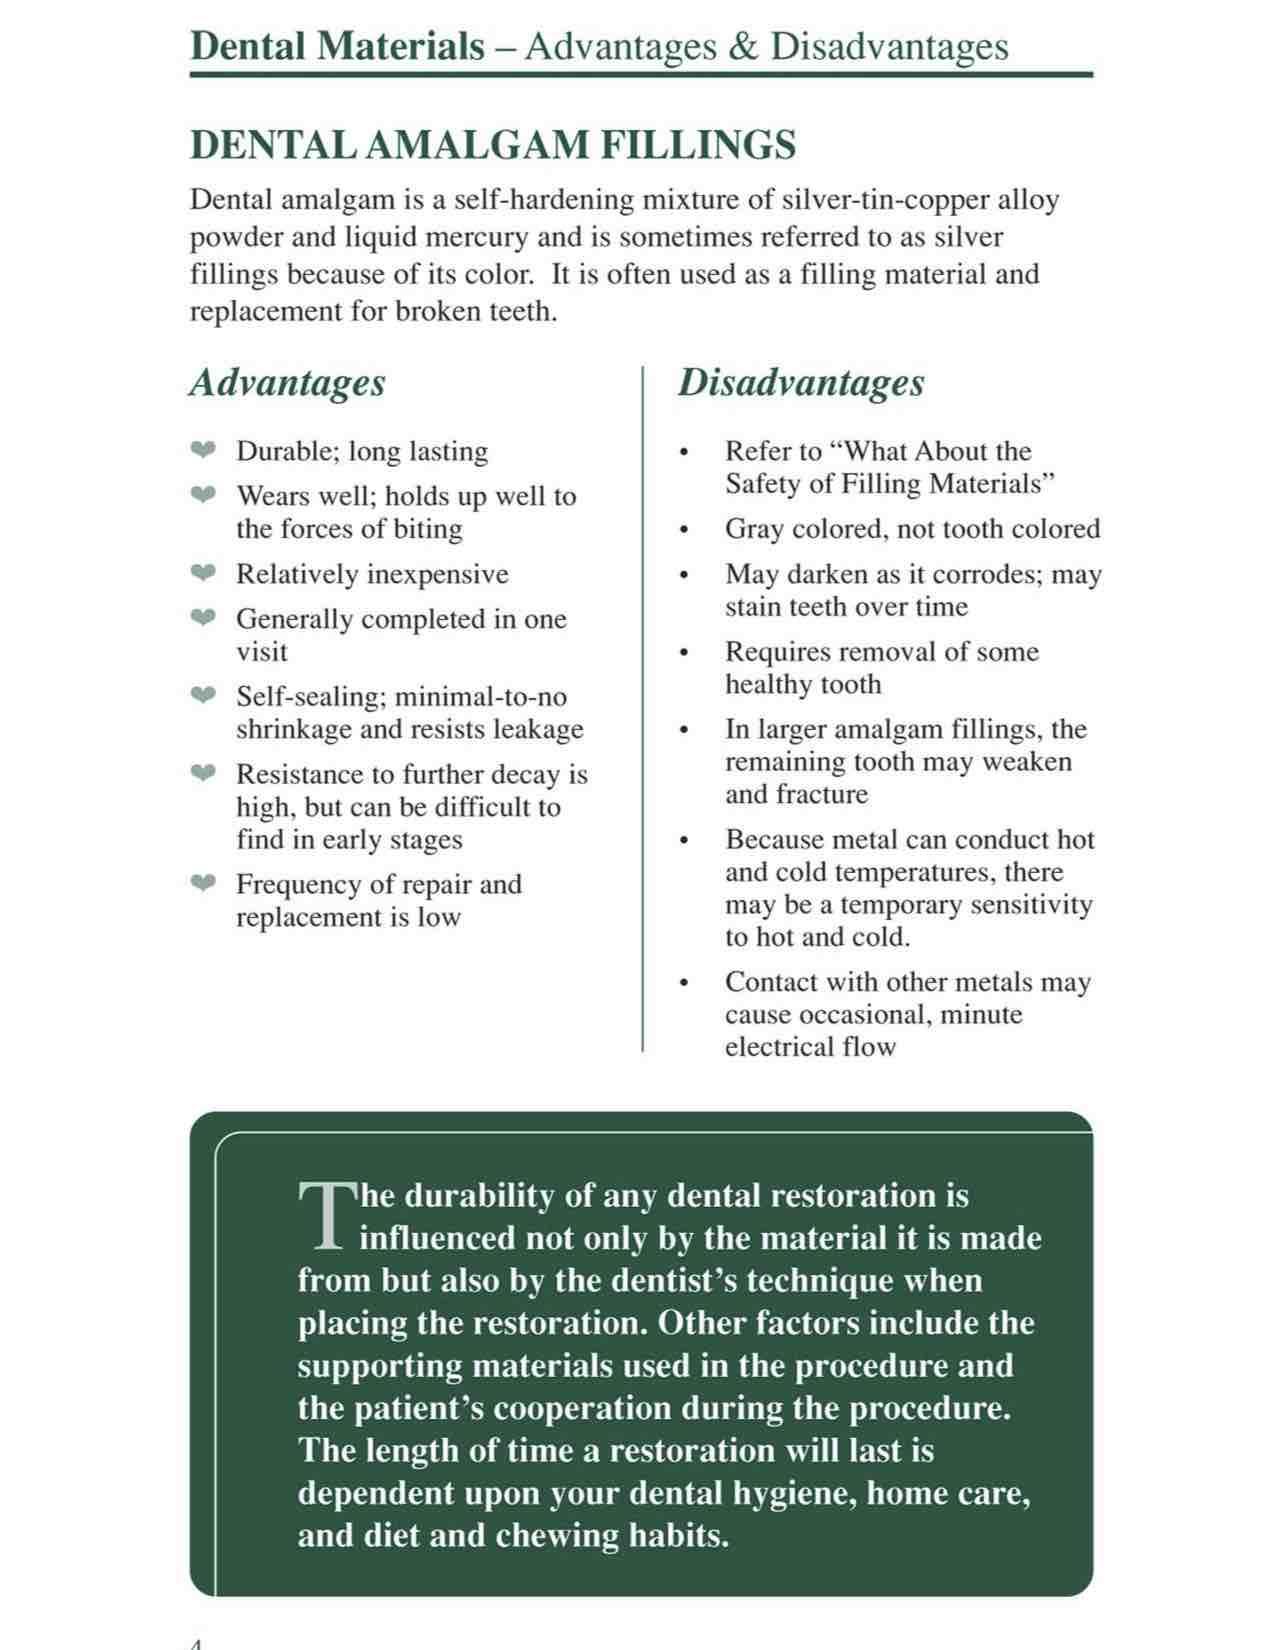 Dental Materials Fact Sheet-4.jpg